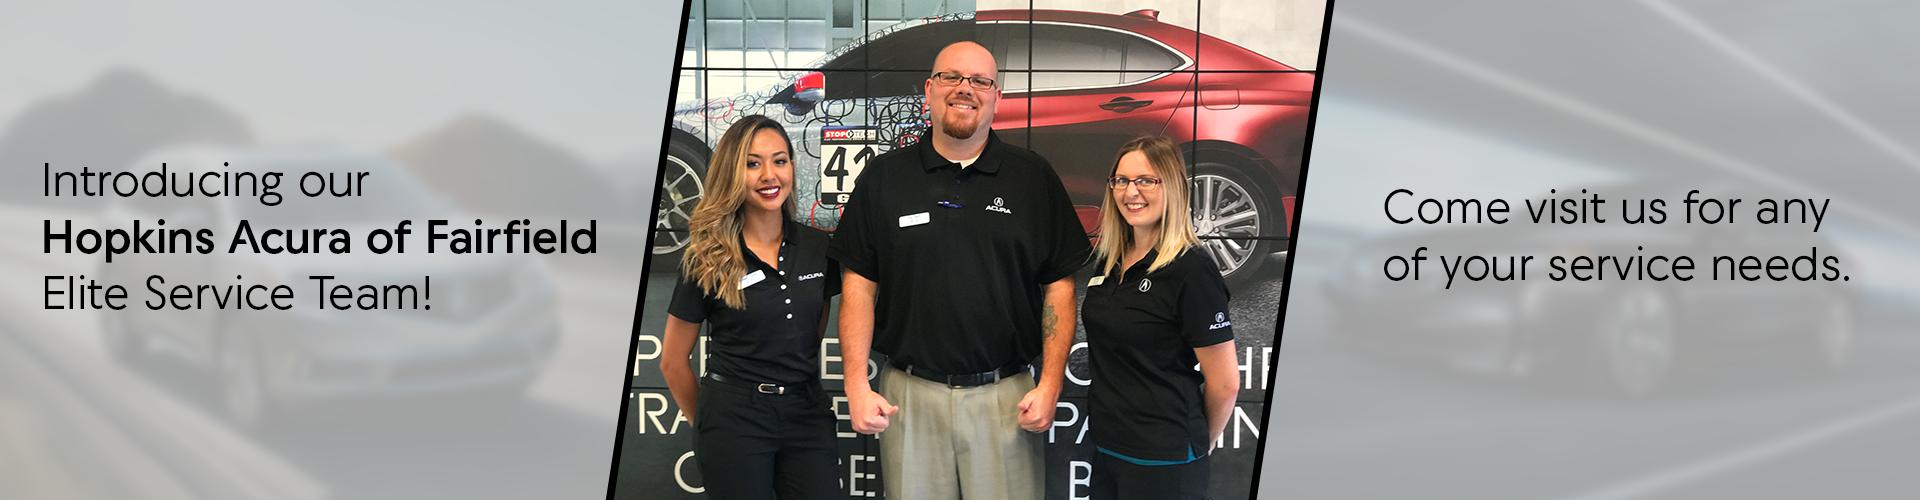 Service Team - Hopkins Acura of Fairfield